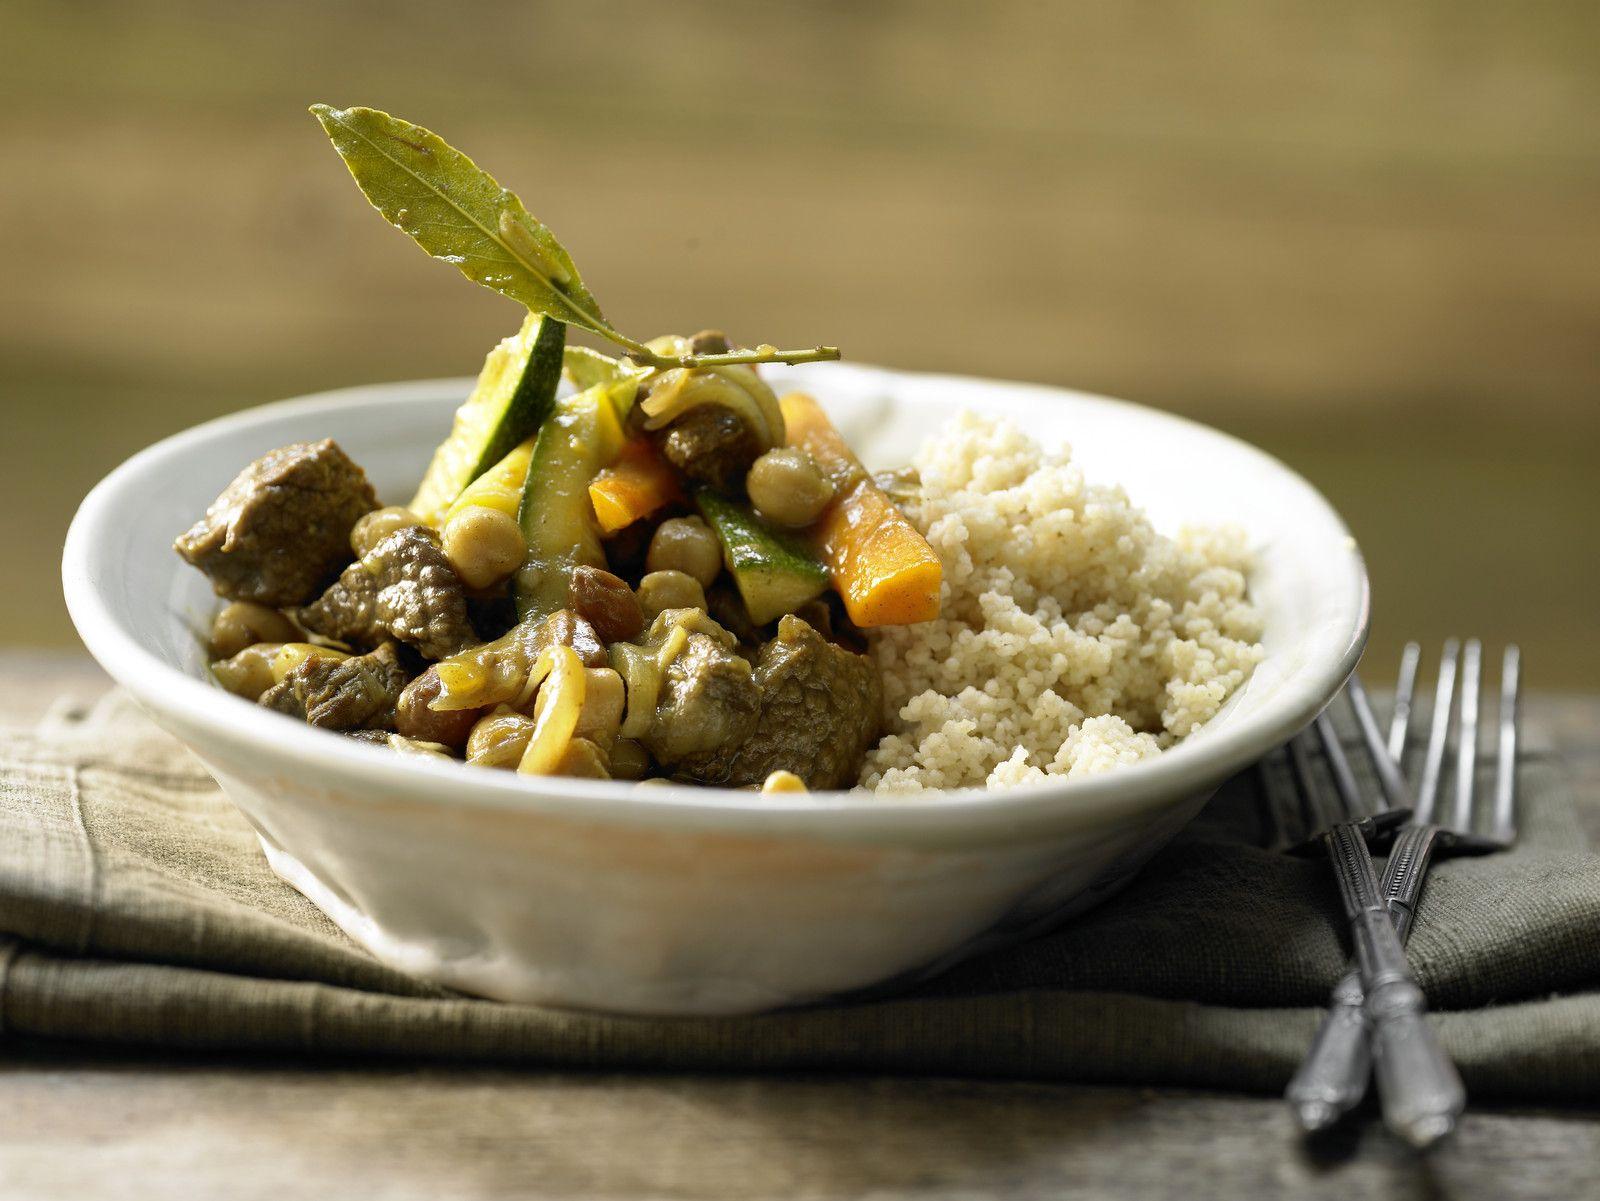 Kochbuch: Fleischgerichte unter 400 Kalorien | EAT SMARTER